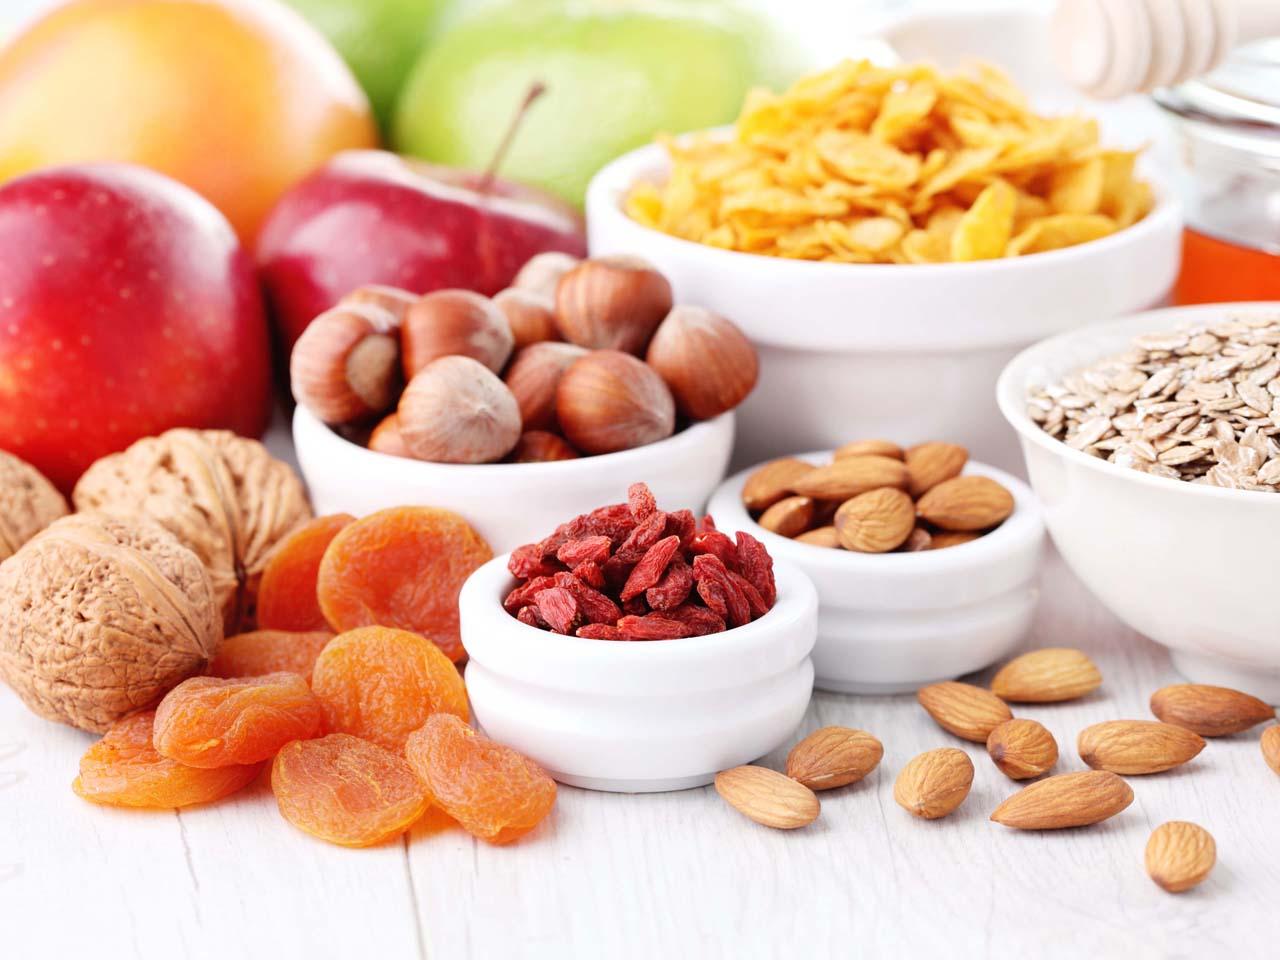 饮食好生活:这款生物扫描仪让食品危害无所遁形